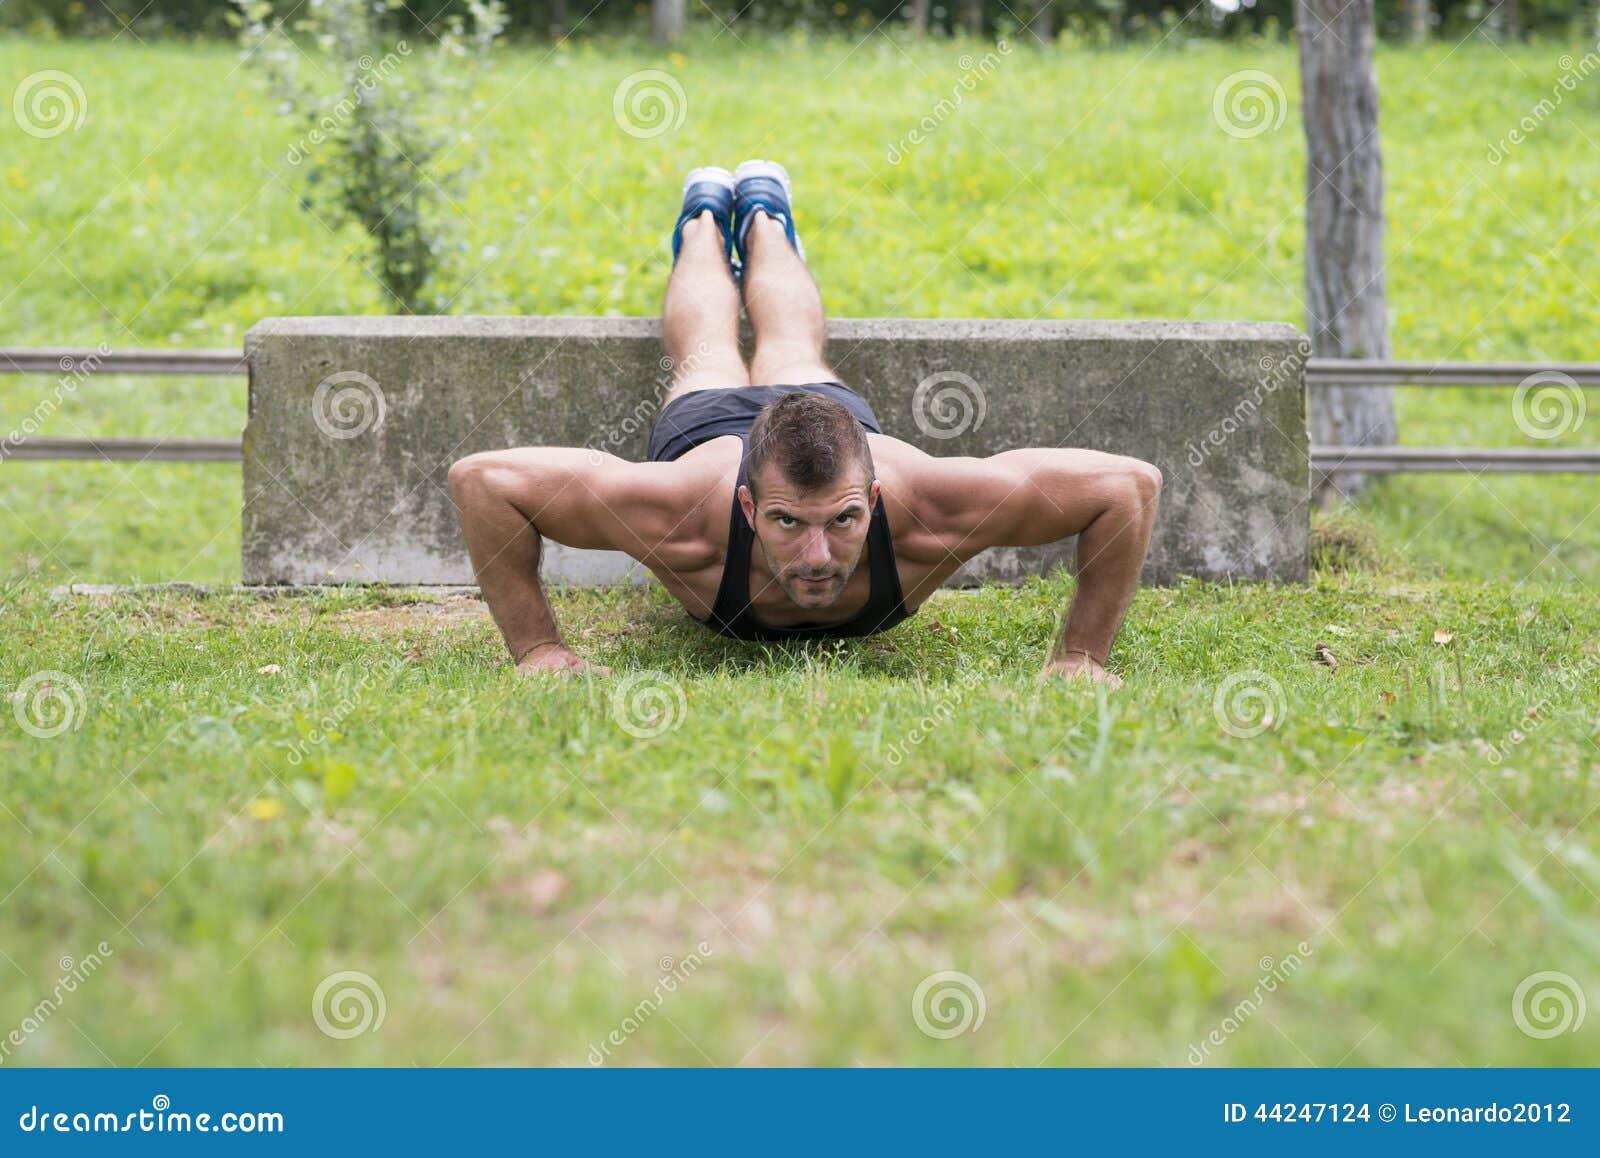 Αθλητικό άτομο που κάνει την ώθηση UPS, υπαίθρια